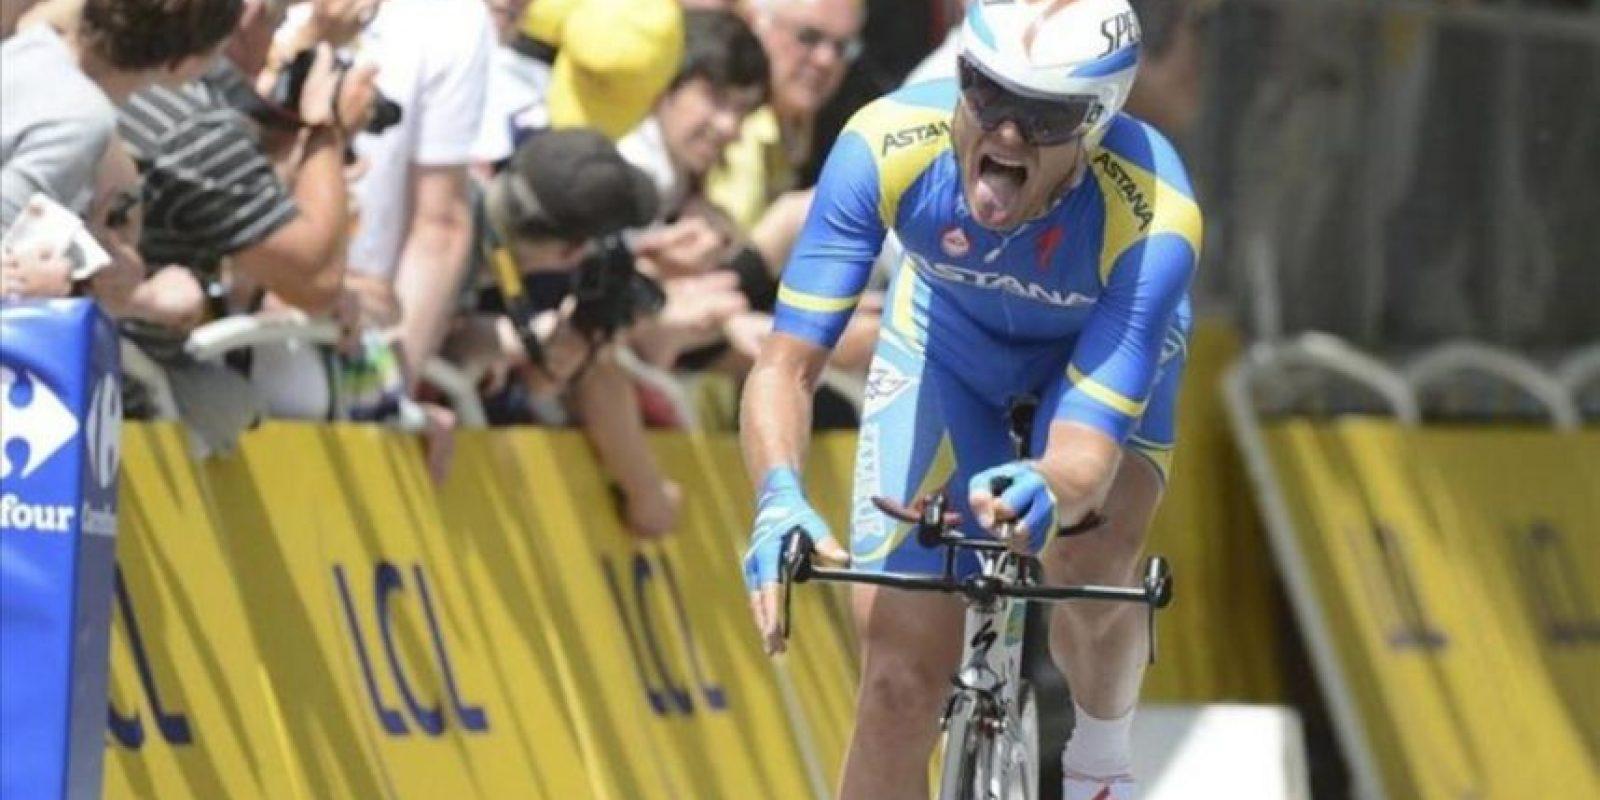 El ciclista ucraniano Andriy Grivko (Astana) participa en la etapa prólogo del Tour de Francia, una contrarreloj individual de 6,4 kilómetros con salida y llegada en Lieja, Bélgica, hoy. EFE